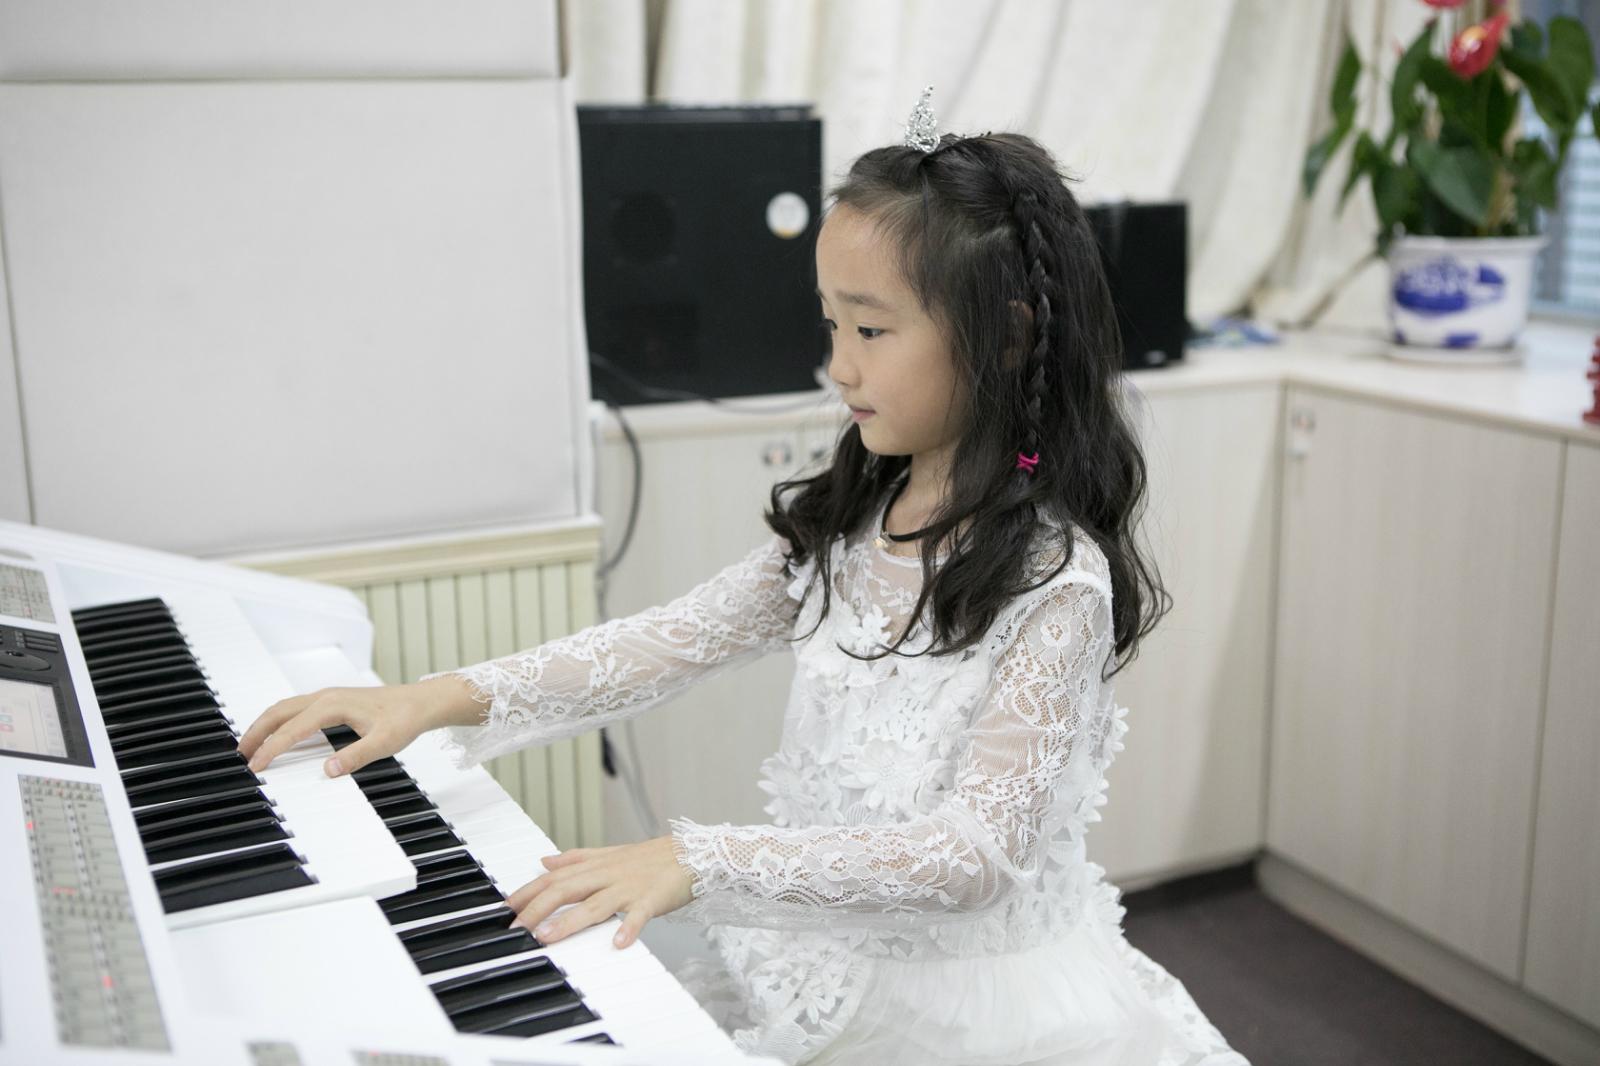 弹琴弹得好的人都是怎么练琴的?